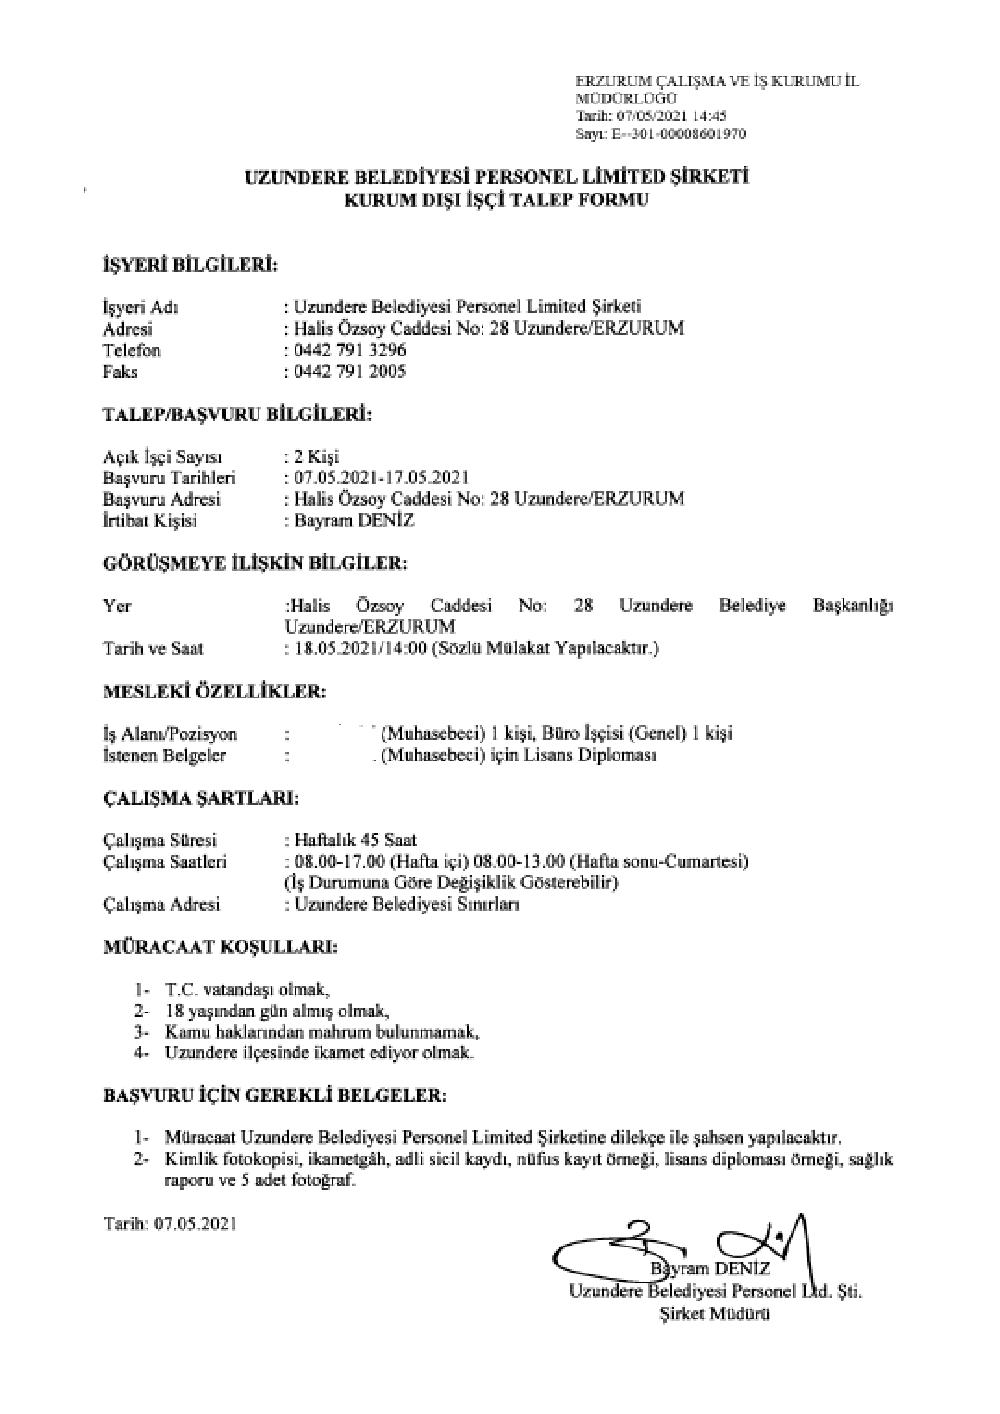 https://ilan.memurlar.net/common/job/advert/documents/57727/erzurum-uzundere-beld-pers-ltd-sti-17-05-2021_000001.png